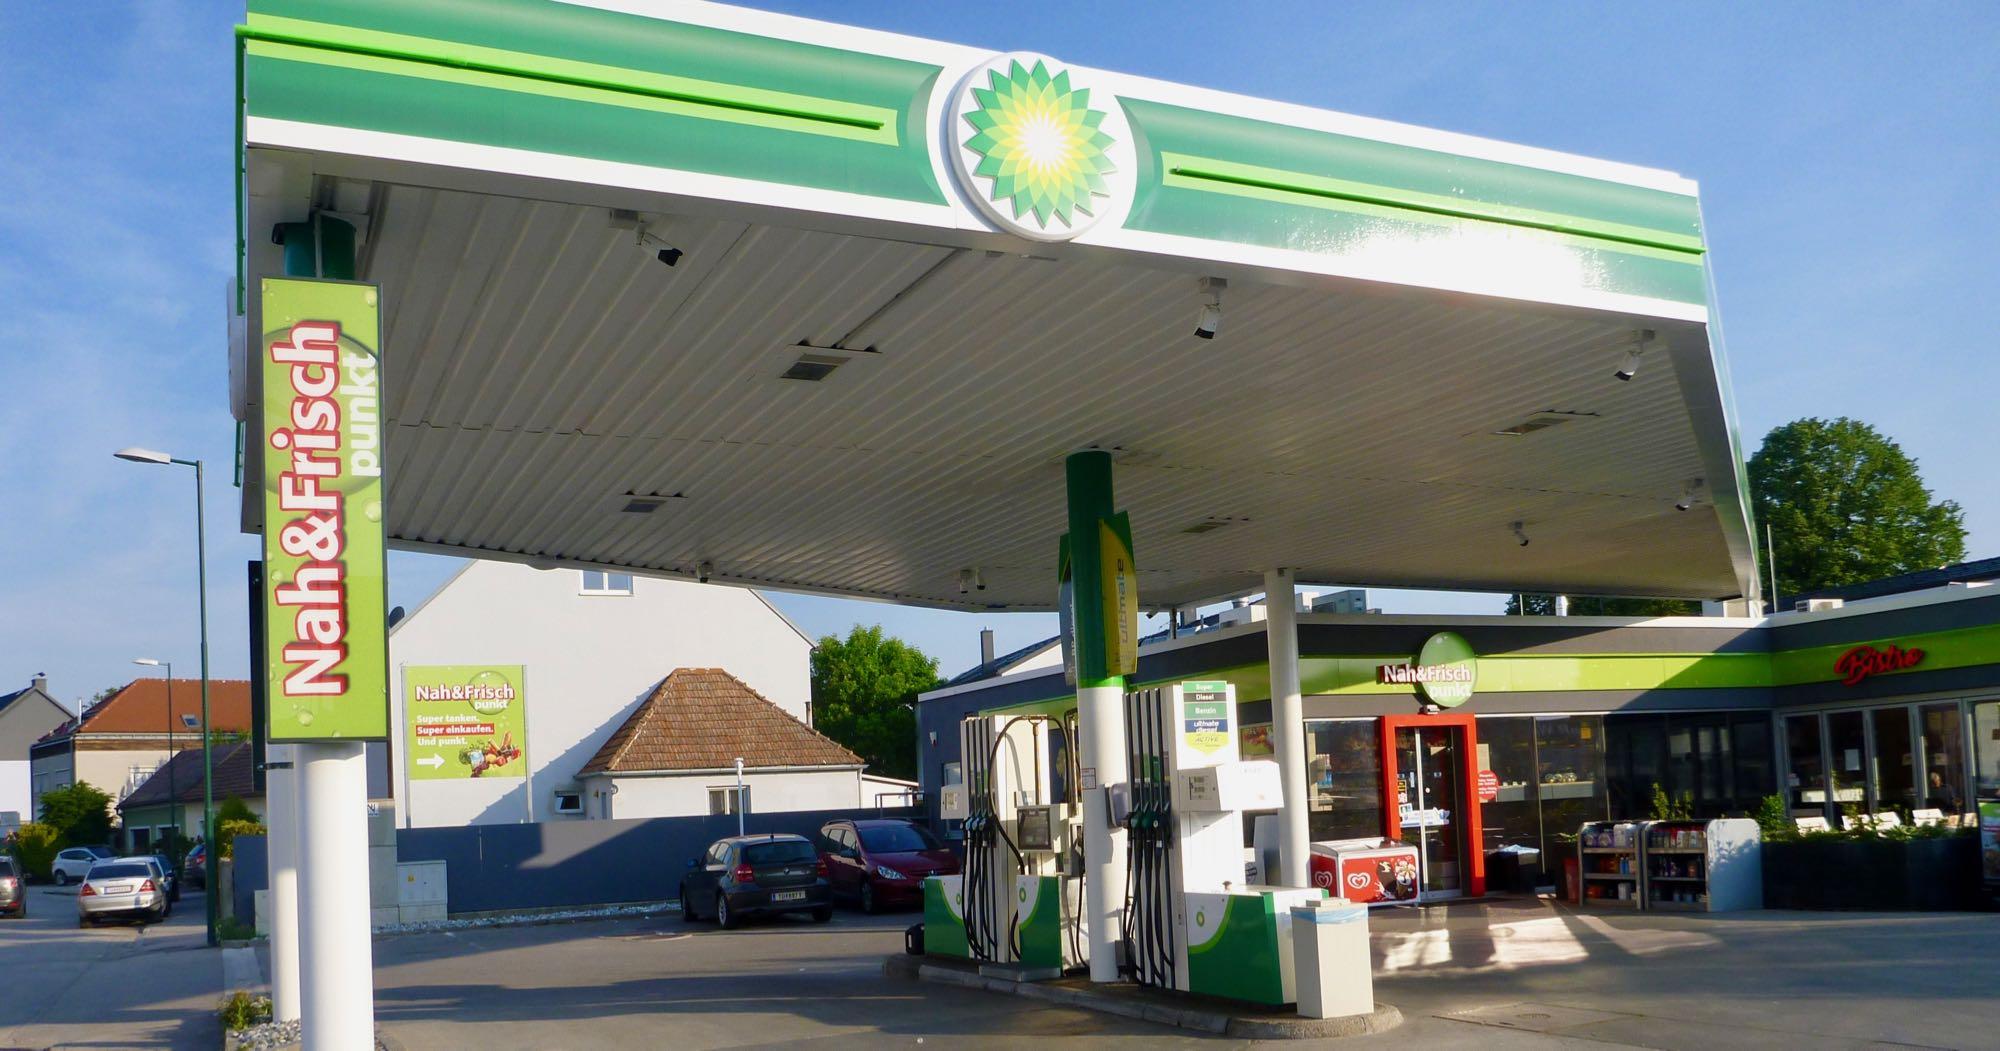 Nahe Campingplatz gibt es eine Tankstelle mit Shop, Mo-Sa 6-22h geöffnet, Sonntags 8-22h